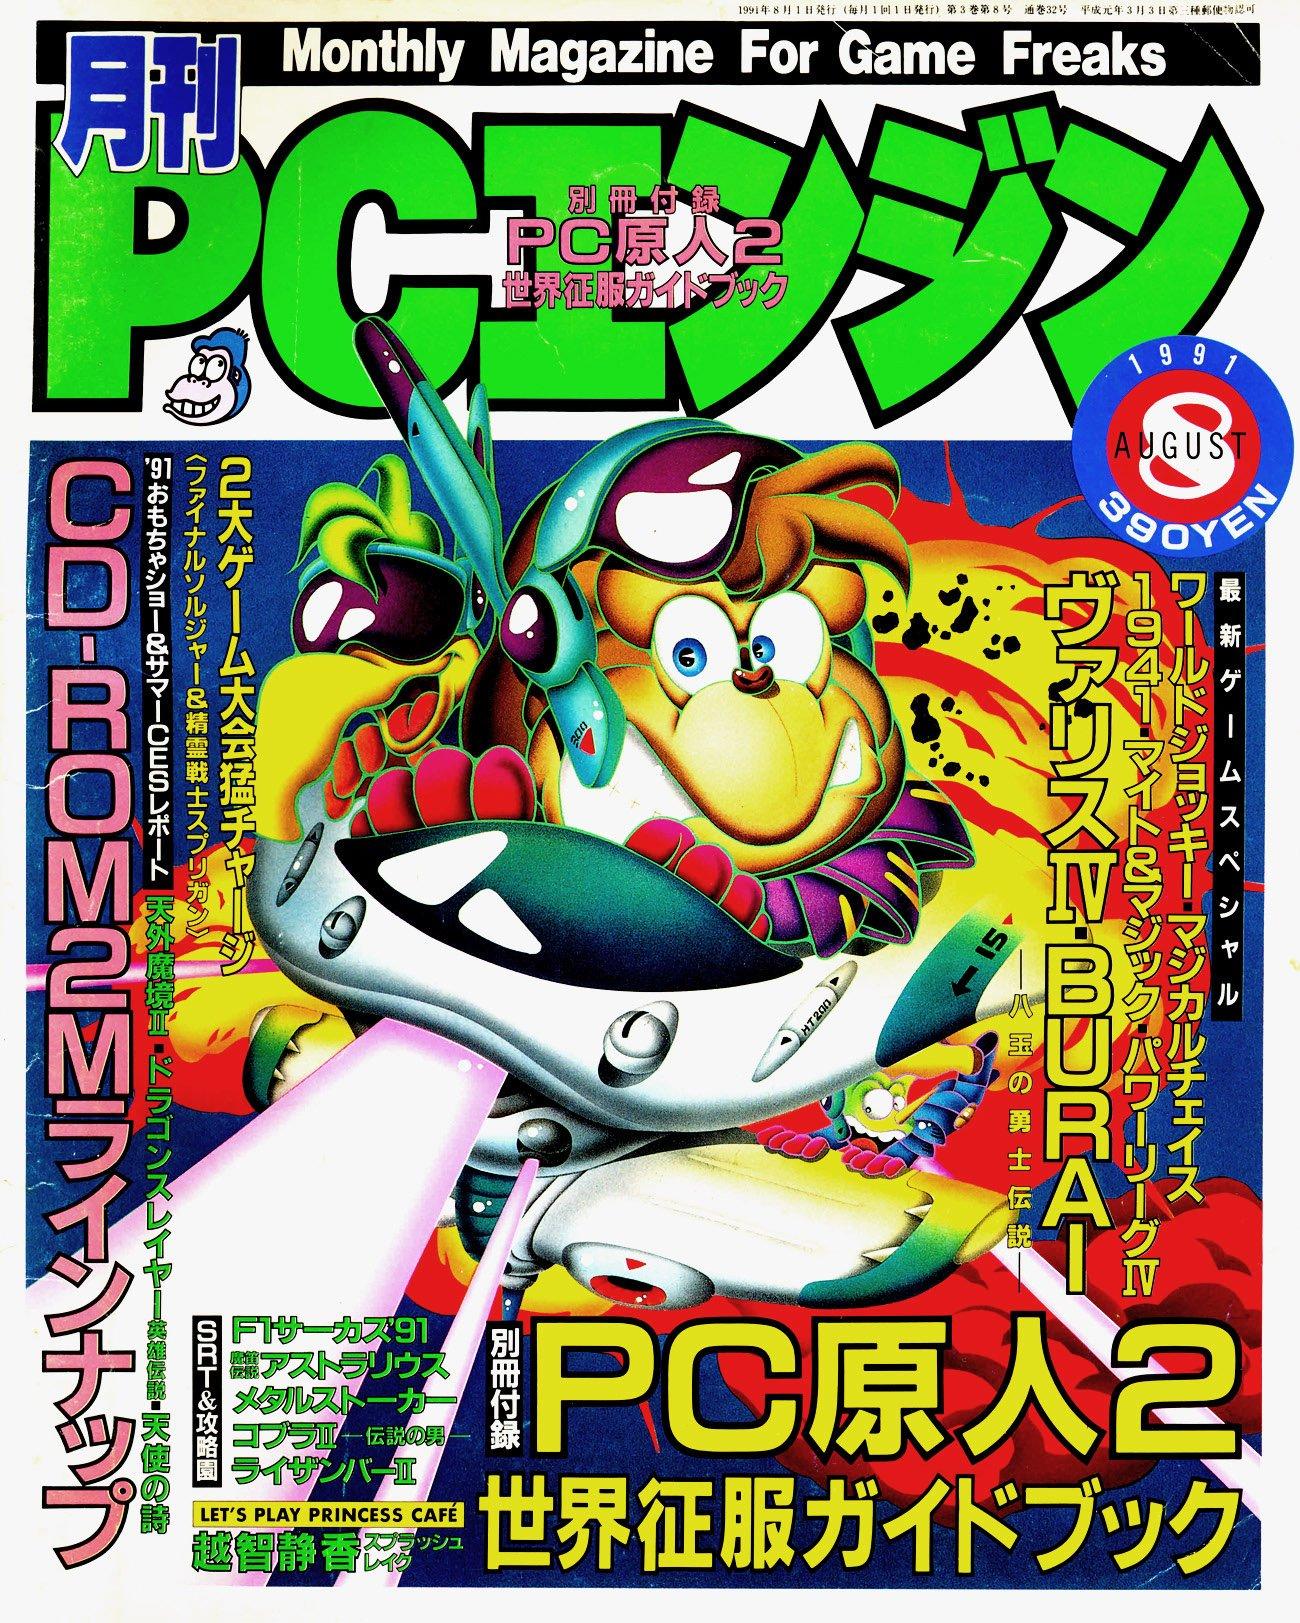 Gekkan PC Engine Issue 32 (August 1991)